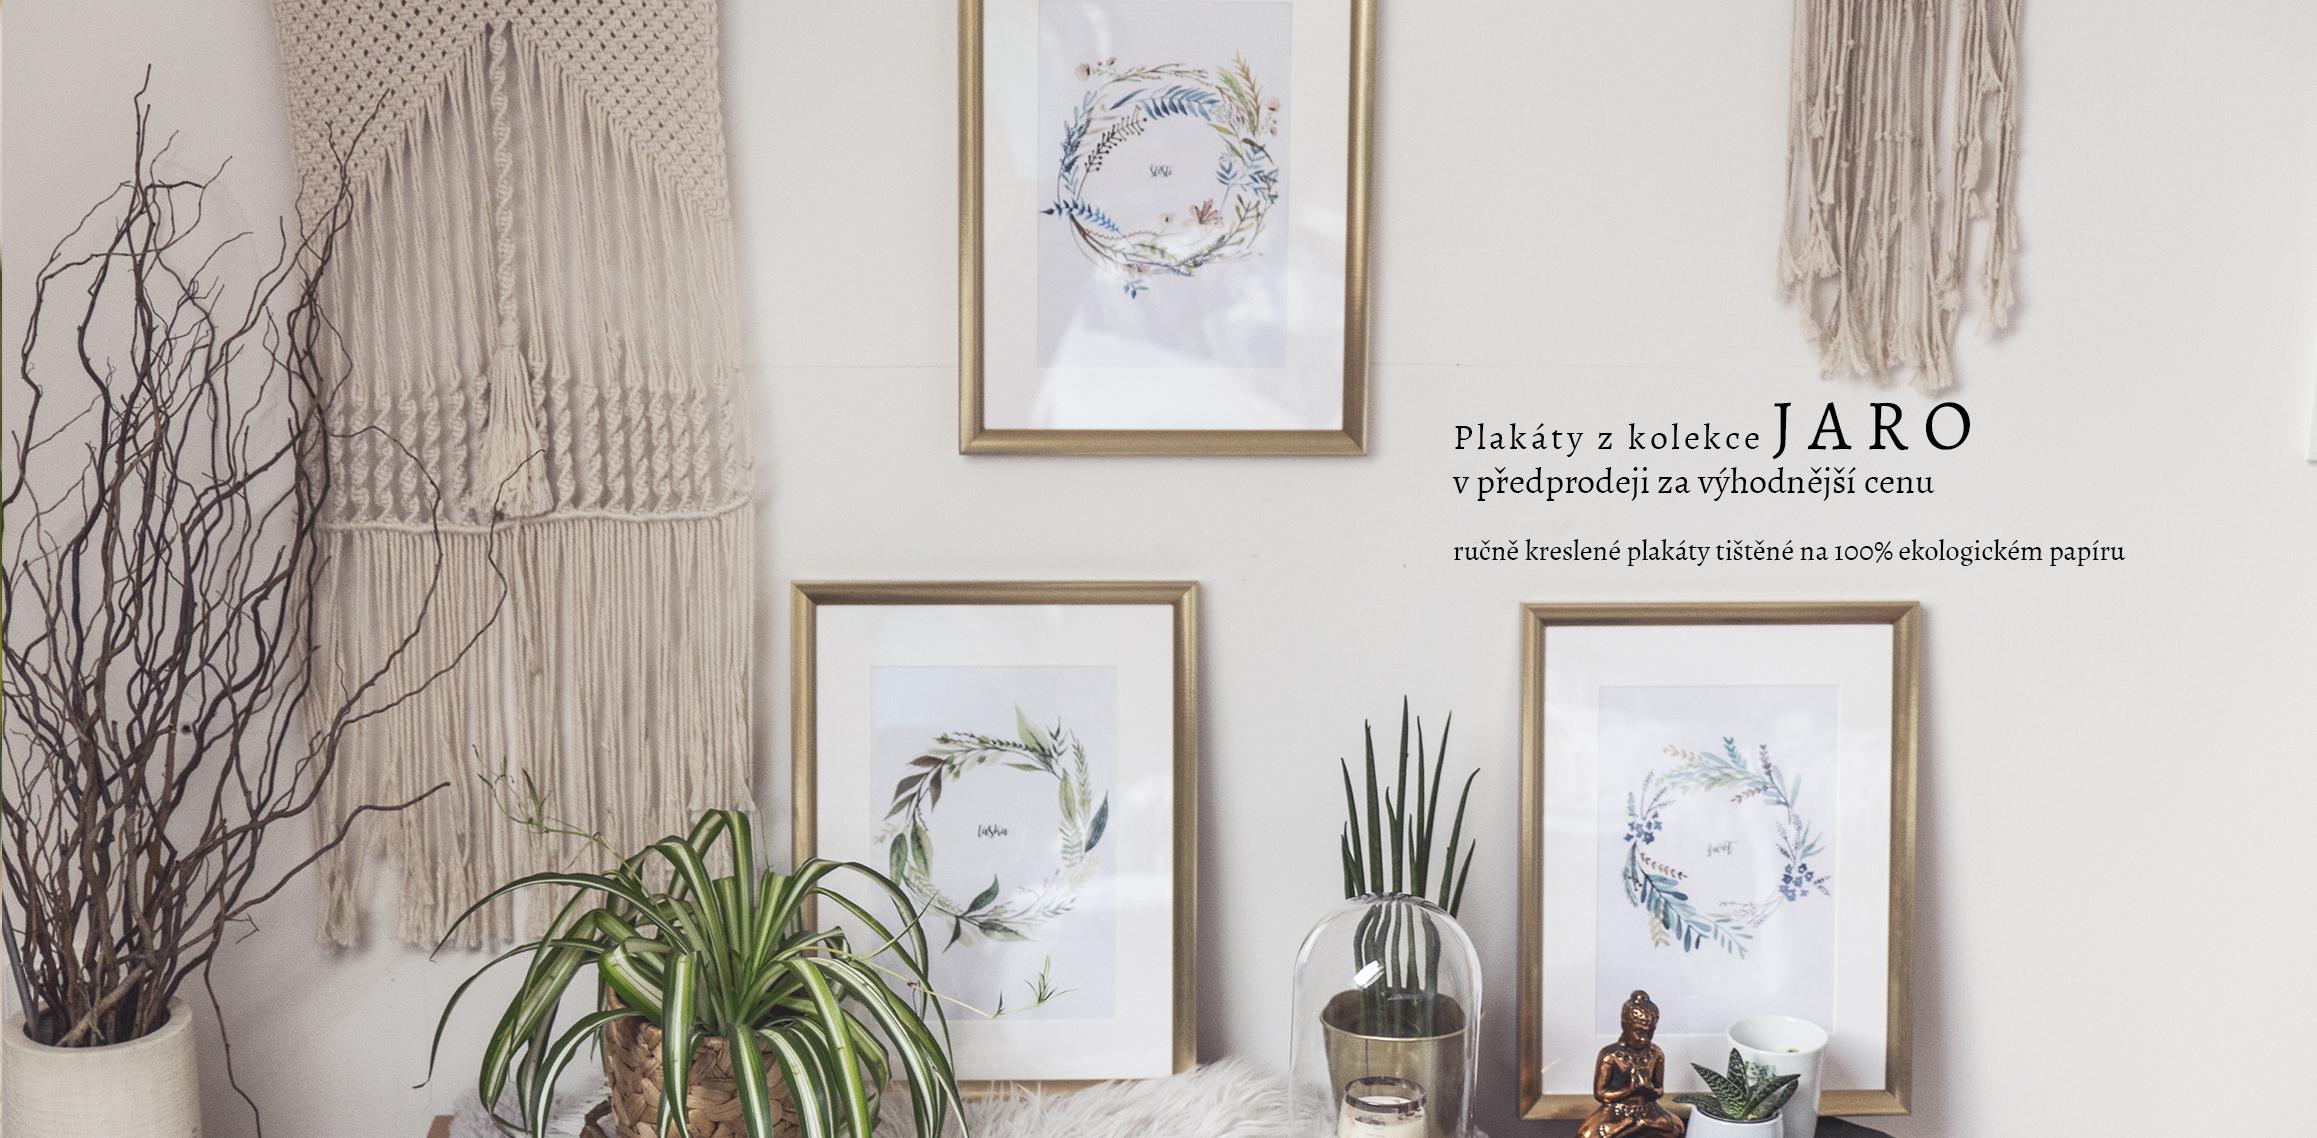 Plakáty kolekce Jaro